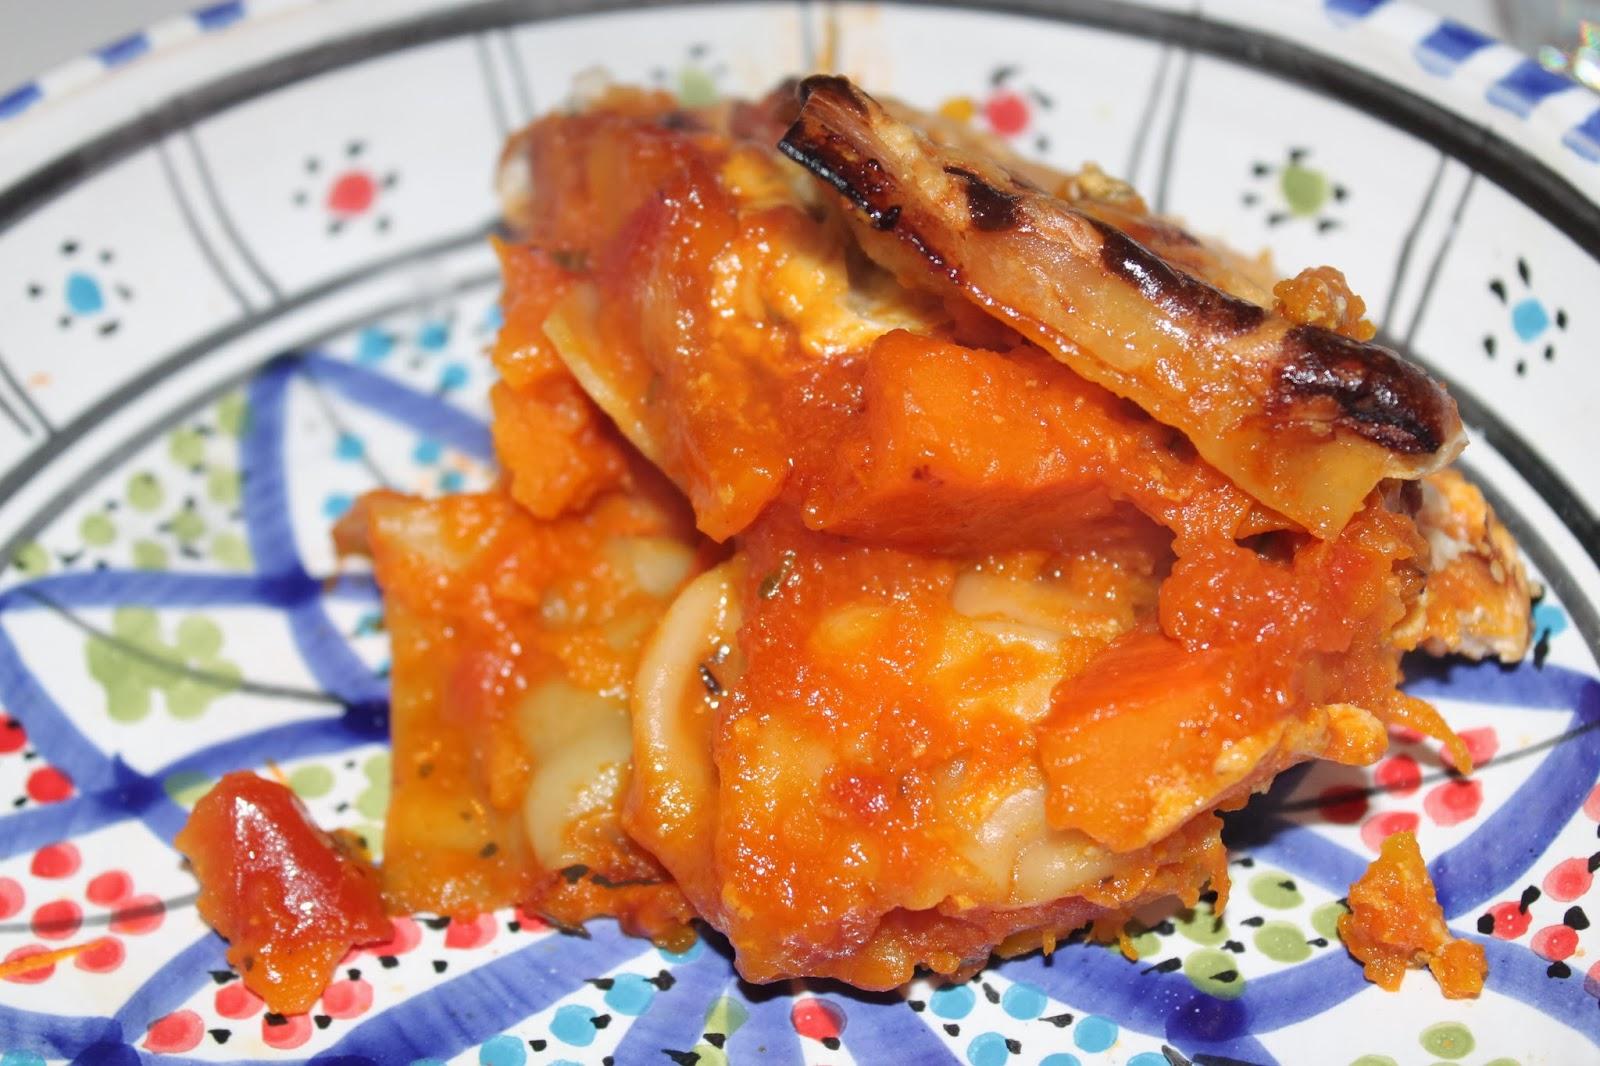 Recettes faciles rapides lasagnes au roquefort et potiron - Lasagne facile et rapide ...